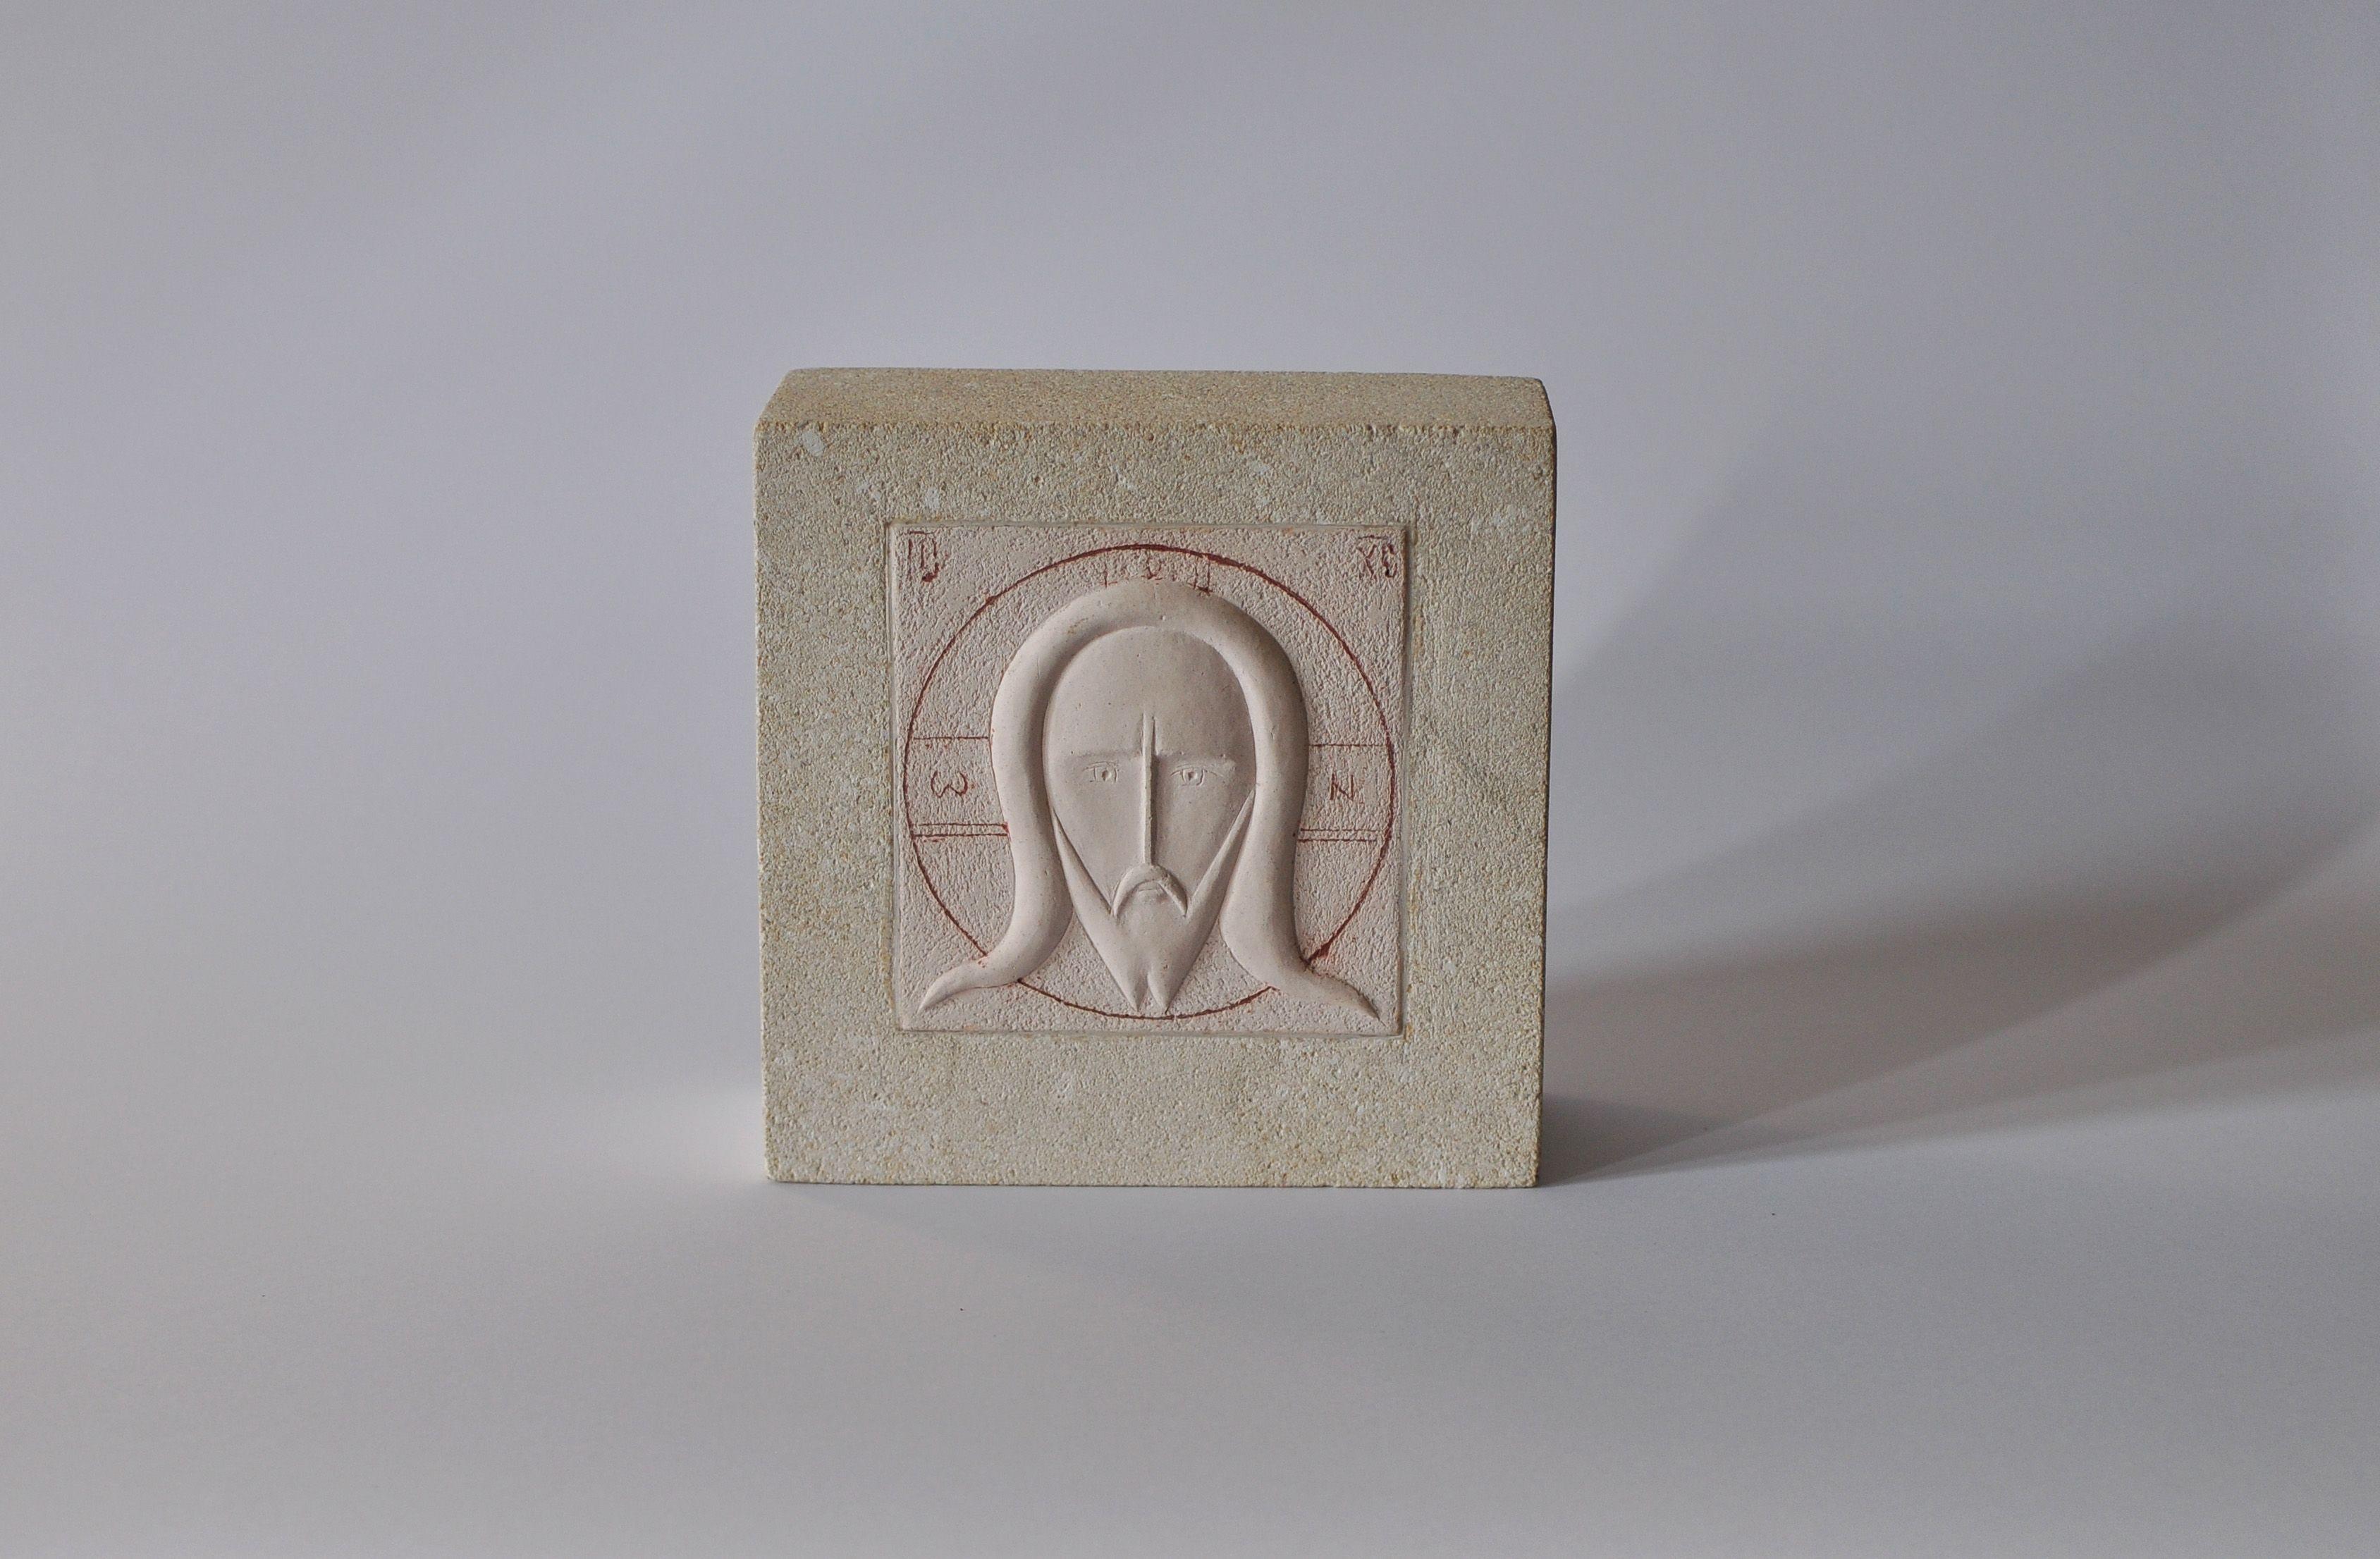 Денис Шиманський. Ісус, 2014; кераміка (шамот), вапняк